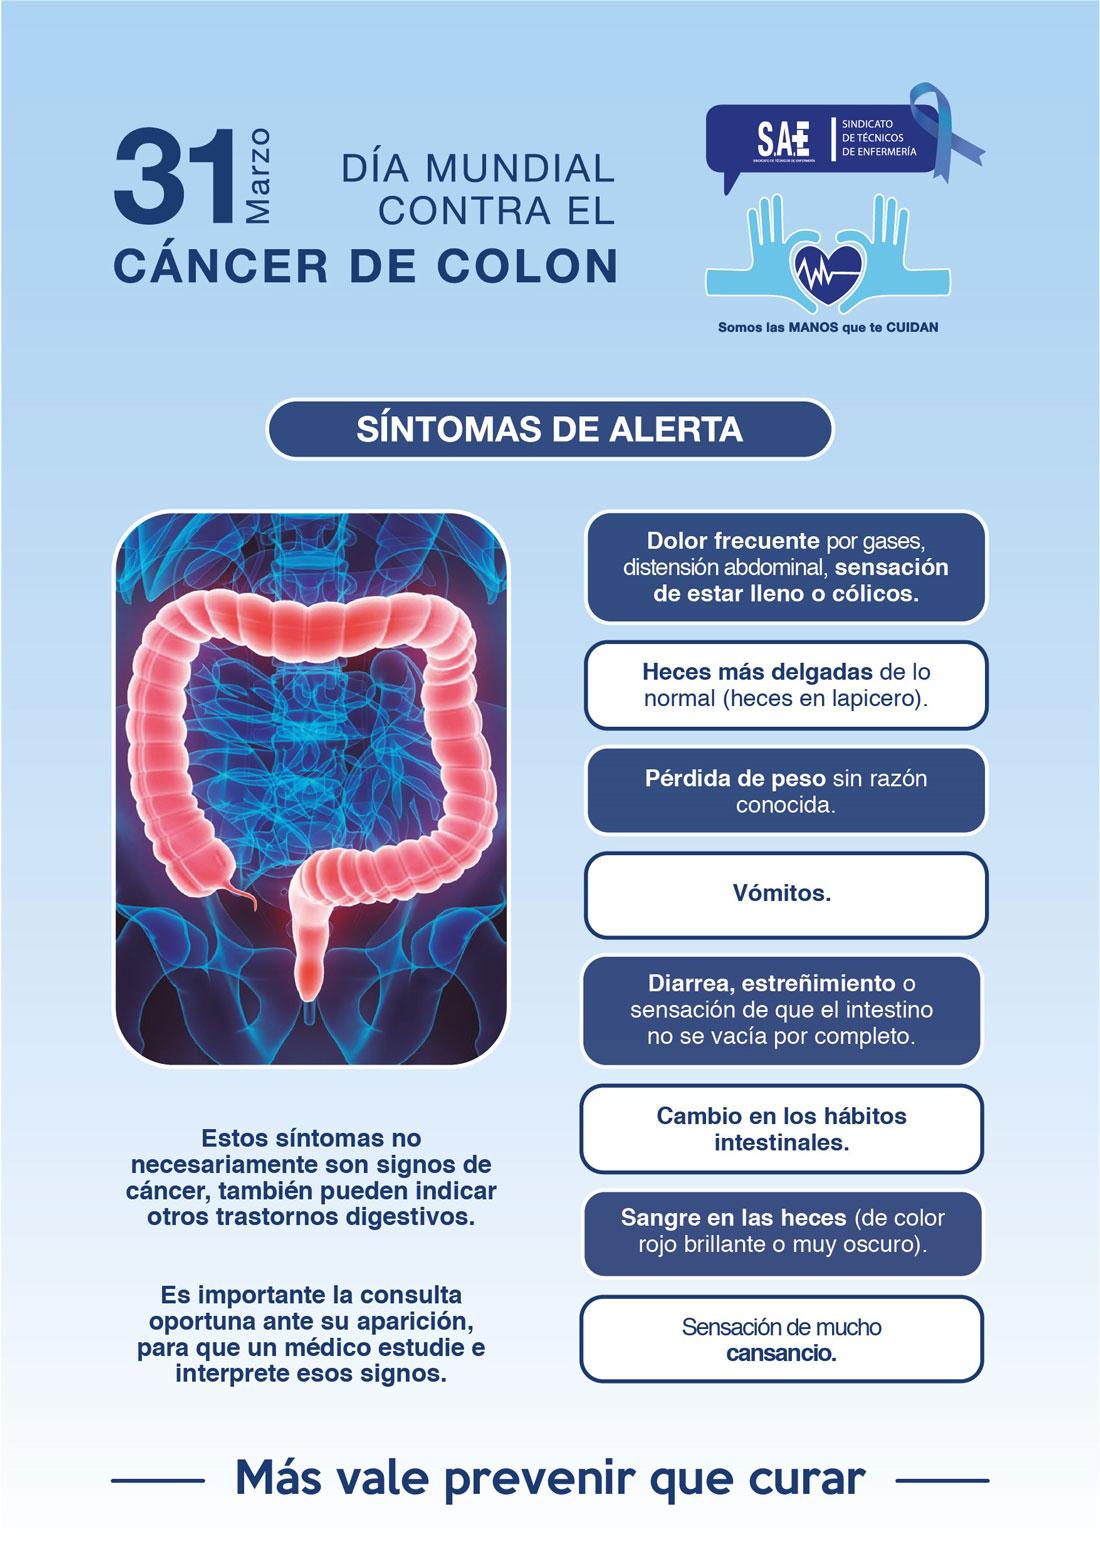 Cancer de colon y gases - dieta-daneza.ro